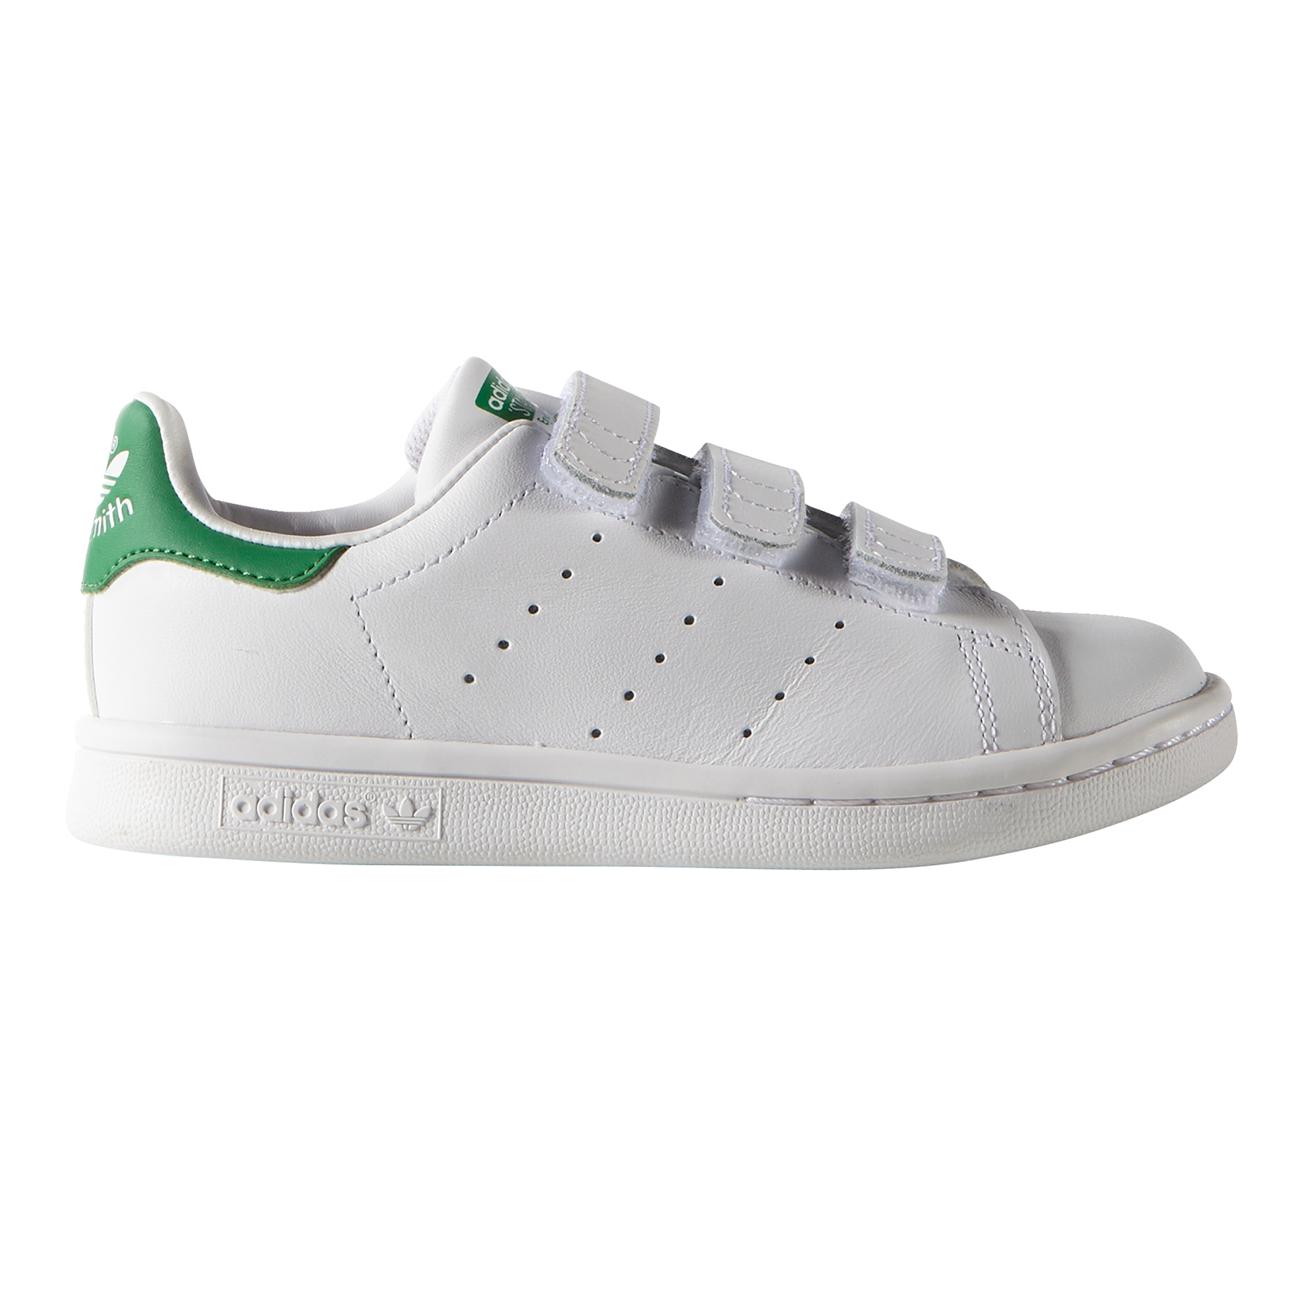 adidas Stan Smith Sneakers White/Green M20607.